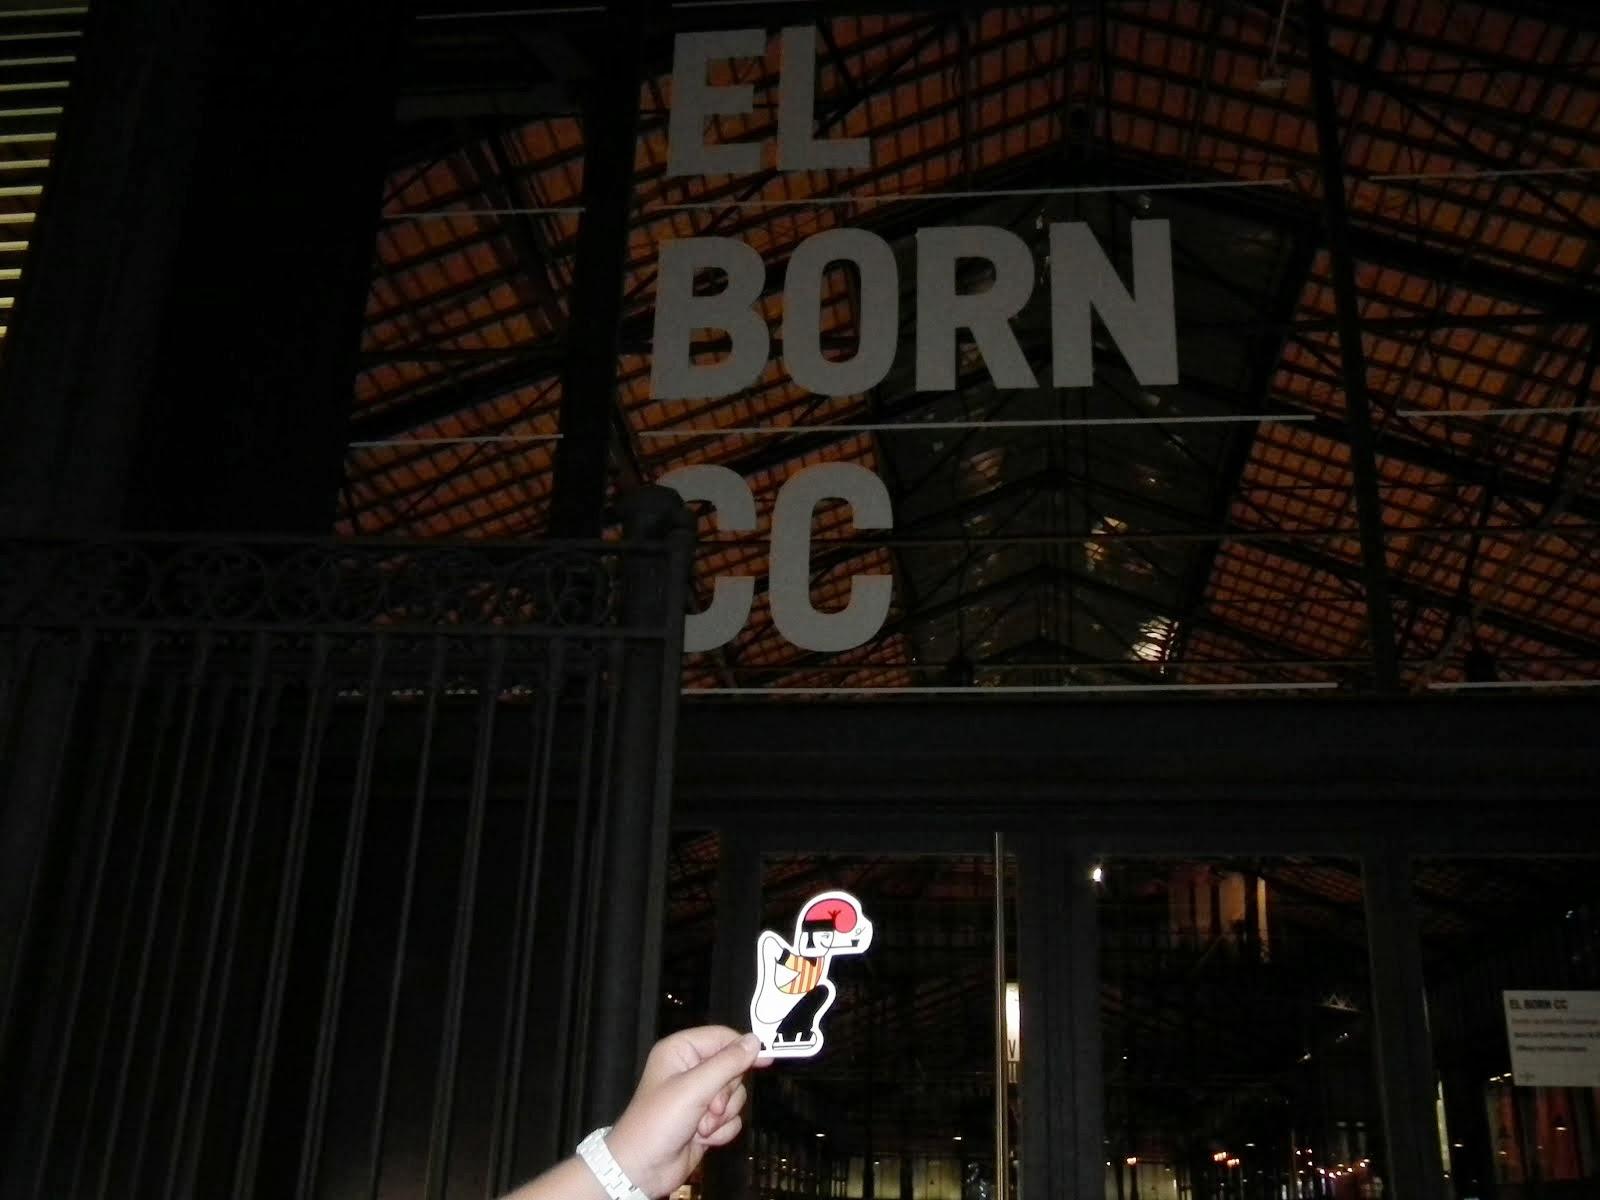 CATALAN WAY. El Born.